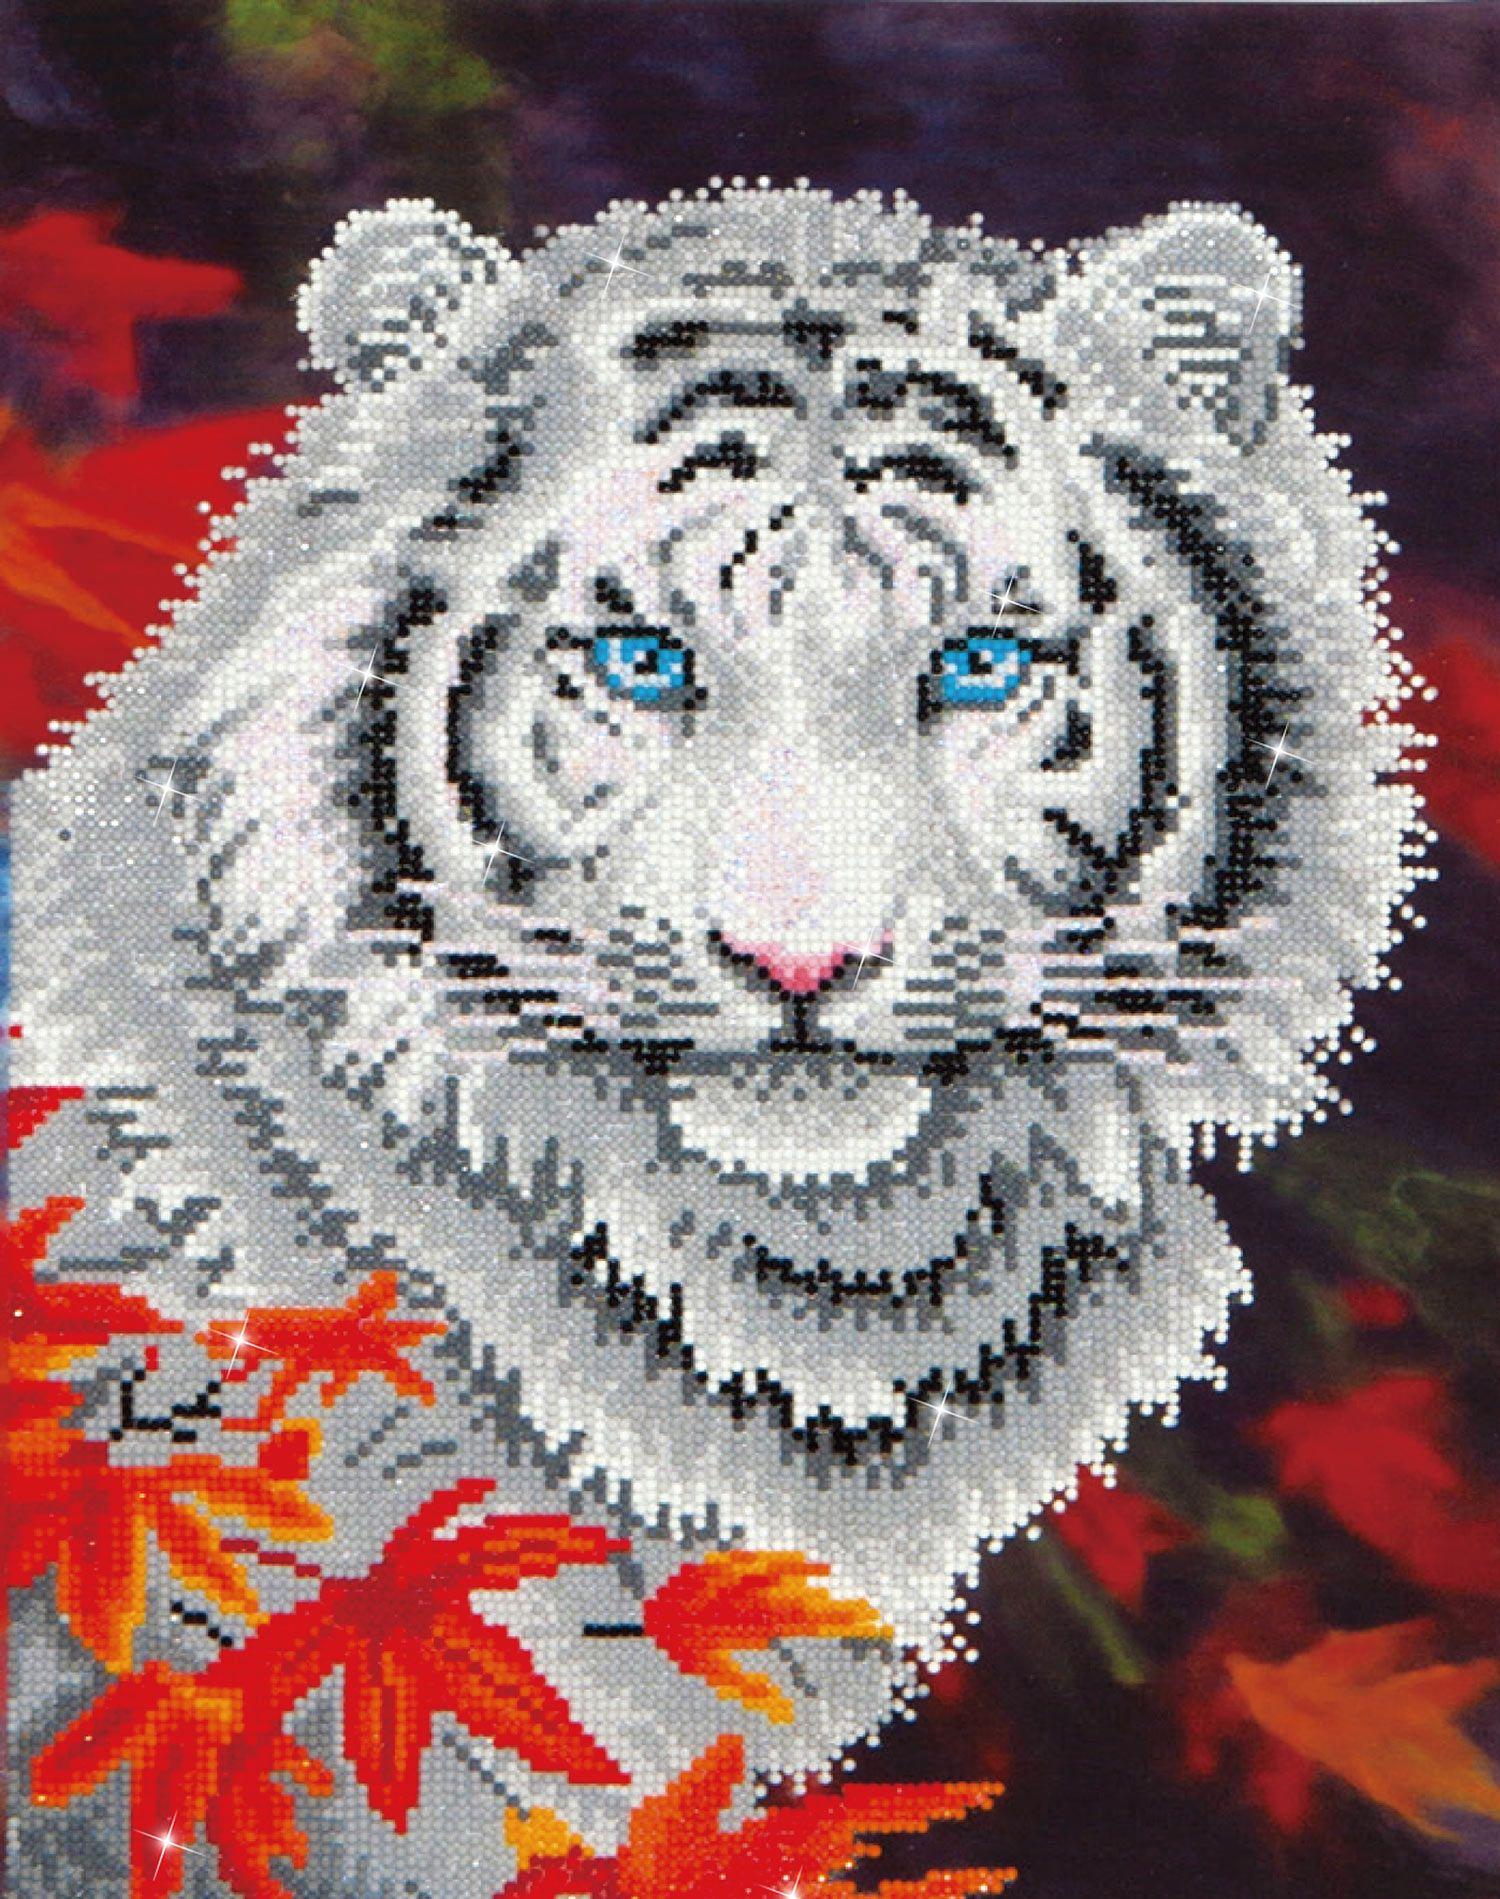 White tiger in autumn u2013 tigre bianca area disegno: cm 35 5 x 45 7